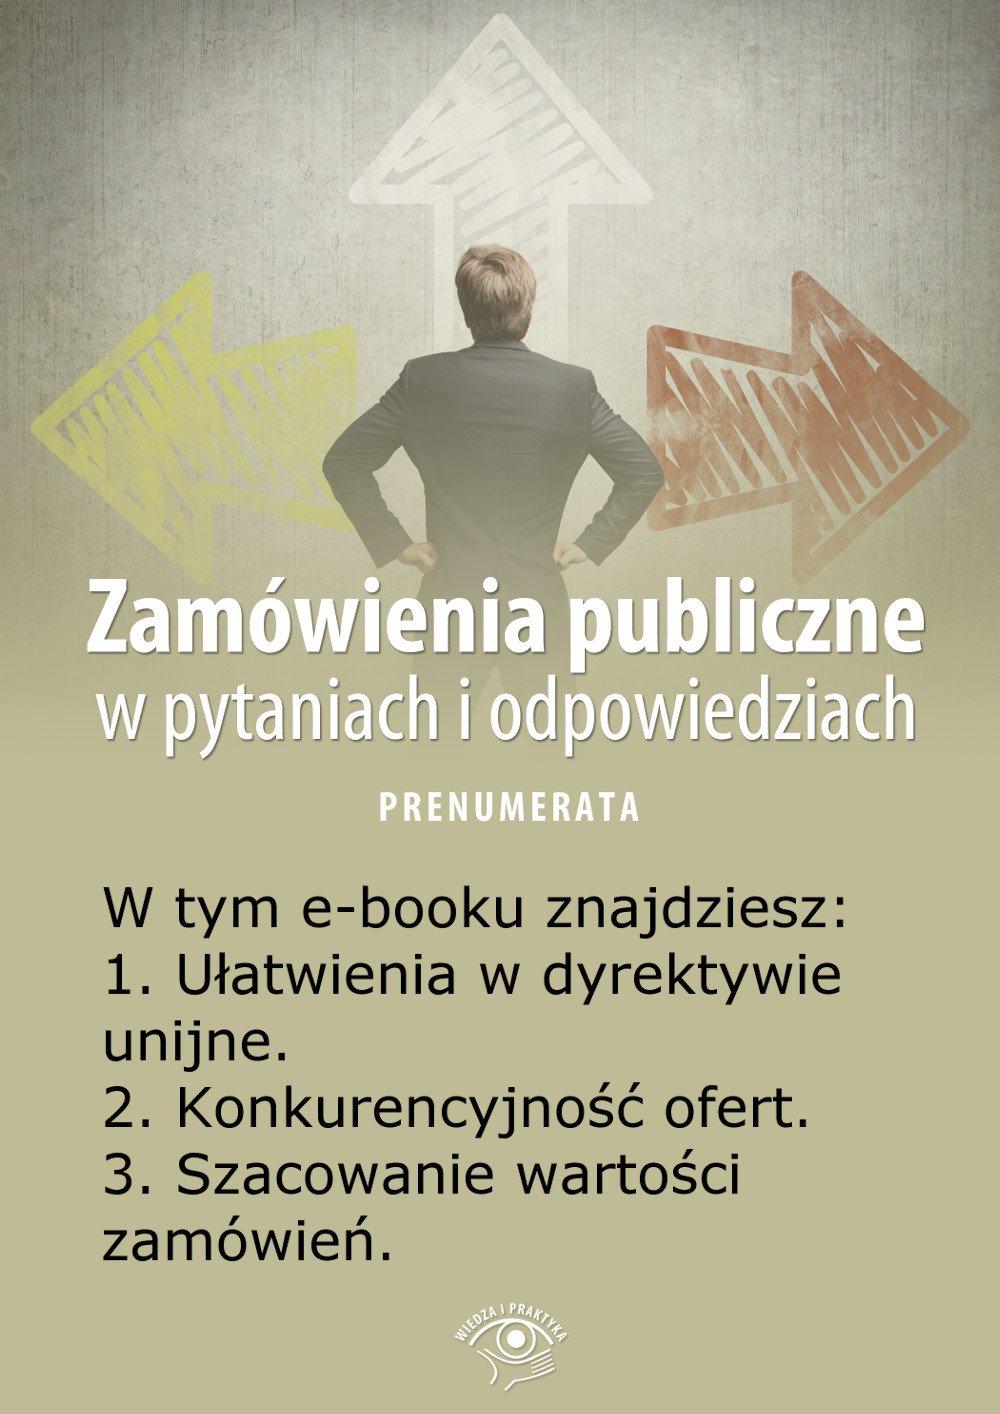 Zamówienia publiczne w pytaniach i odpowiedziach. Wydanie kwiecień 2014 r. - Ebook (Książka EPUB) do pobrania w formacie EPUB